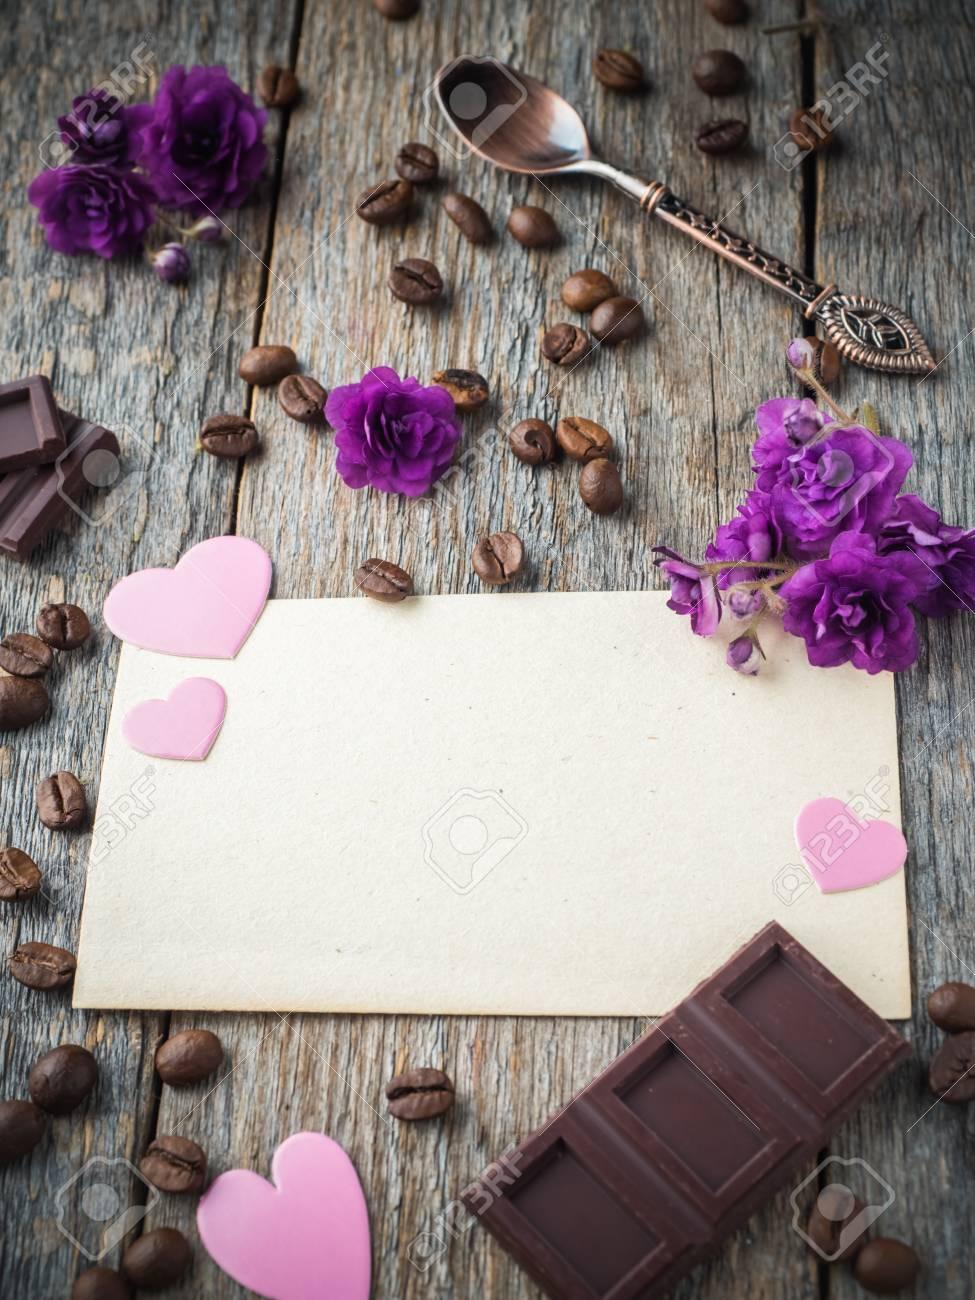 Decoraciones Para Corazones De Papel De San Valentín Violetas Flores Y Chocolate En Una Hoja De Papel Viejo Y Un Fondo De Madera